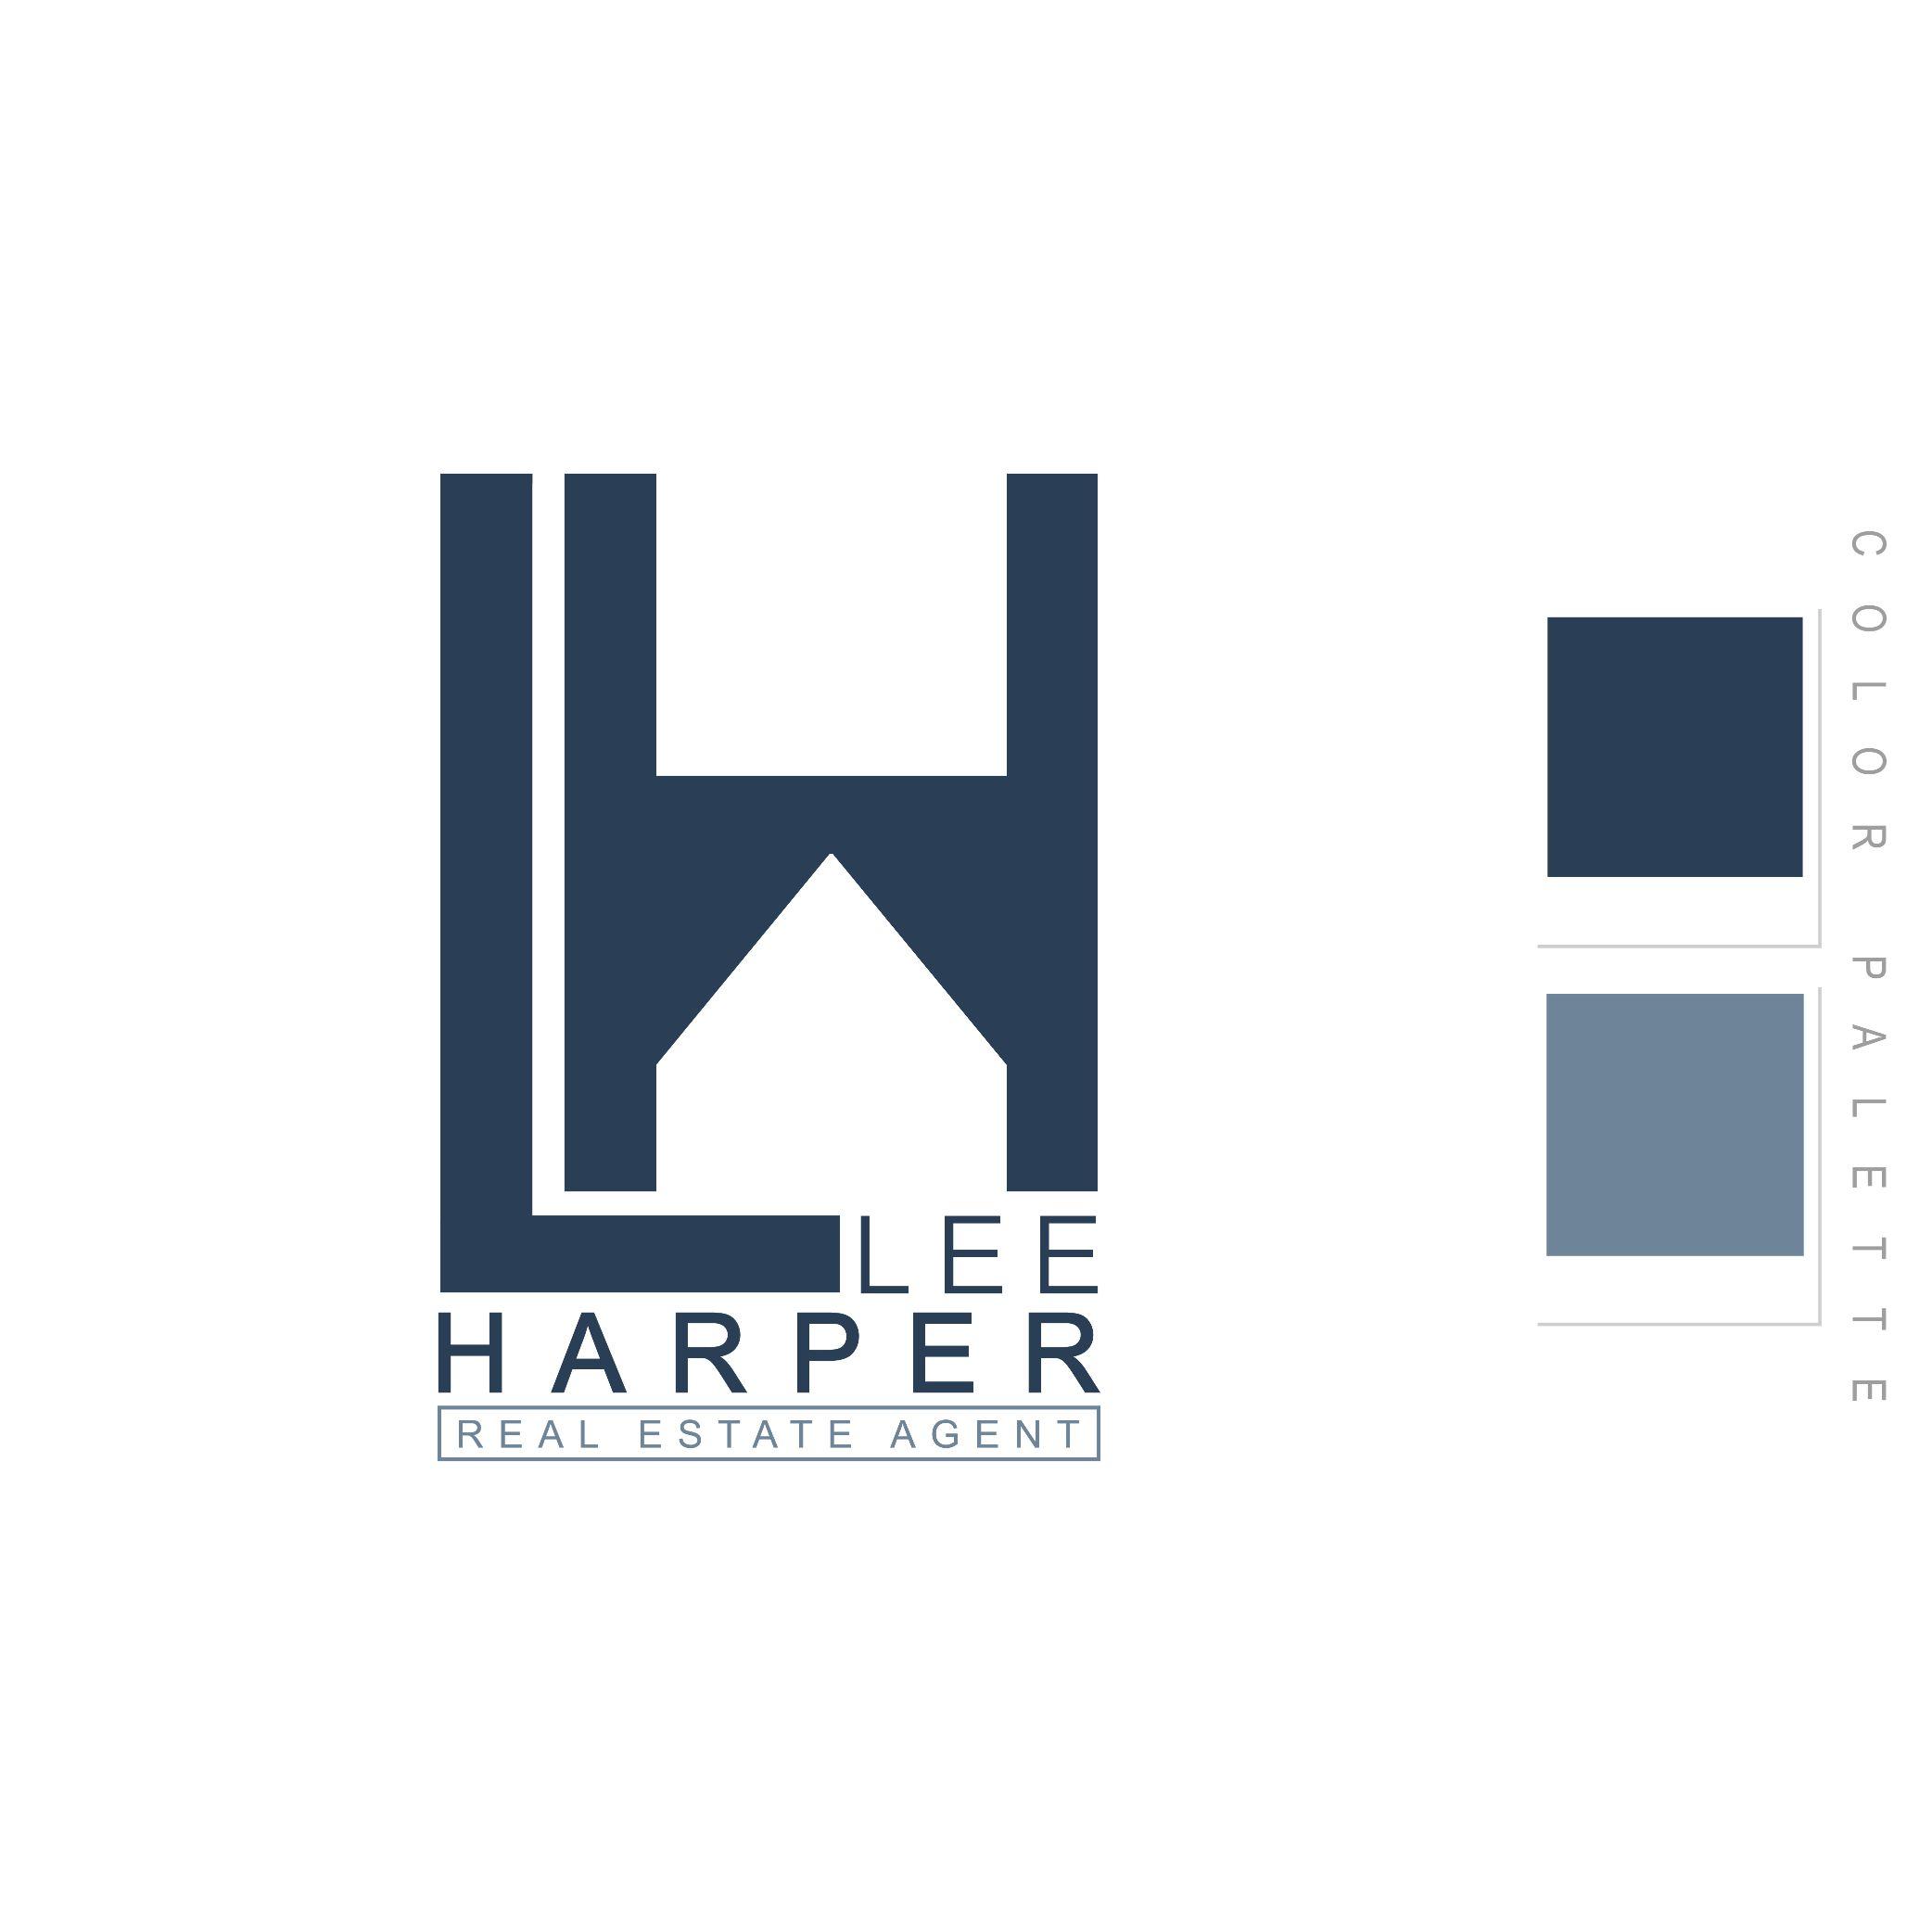 Lee Harper Realestate Agent Logo Design